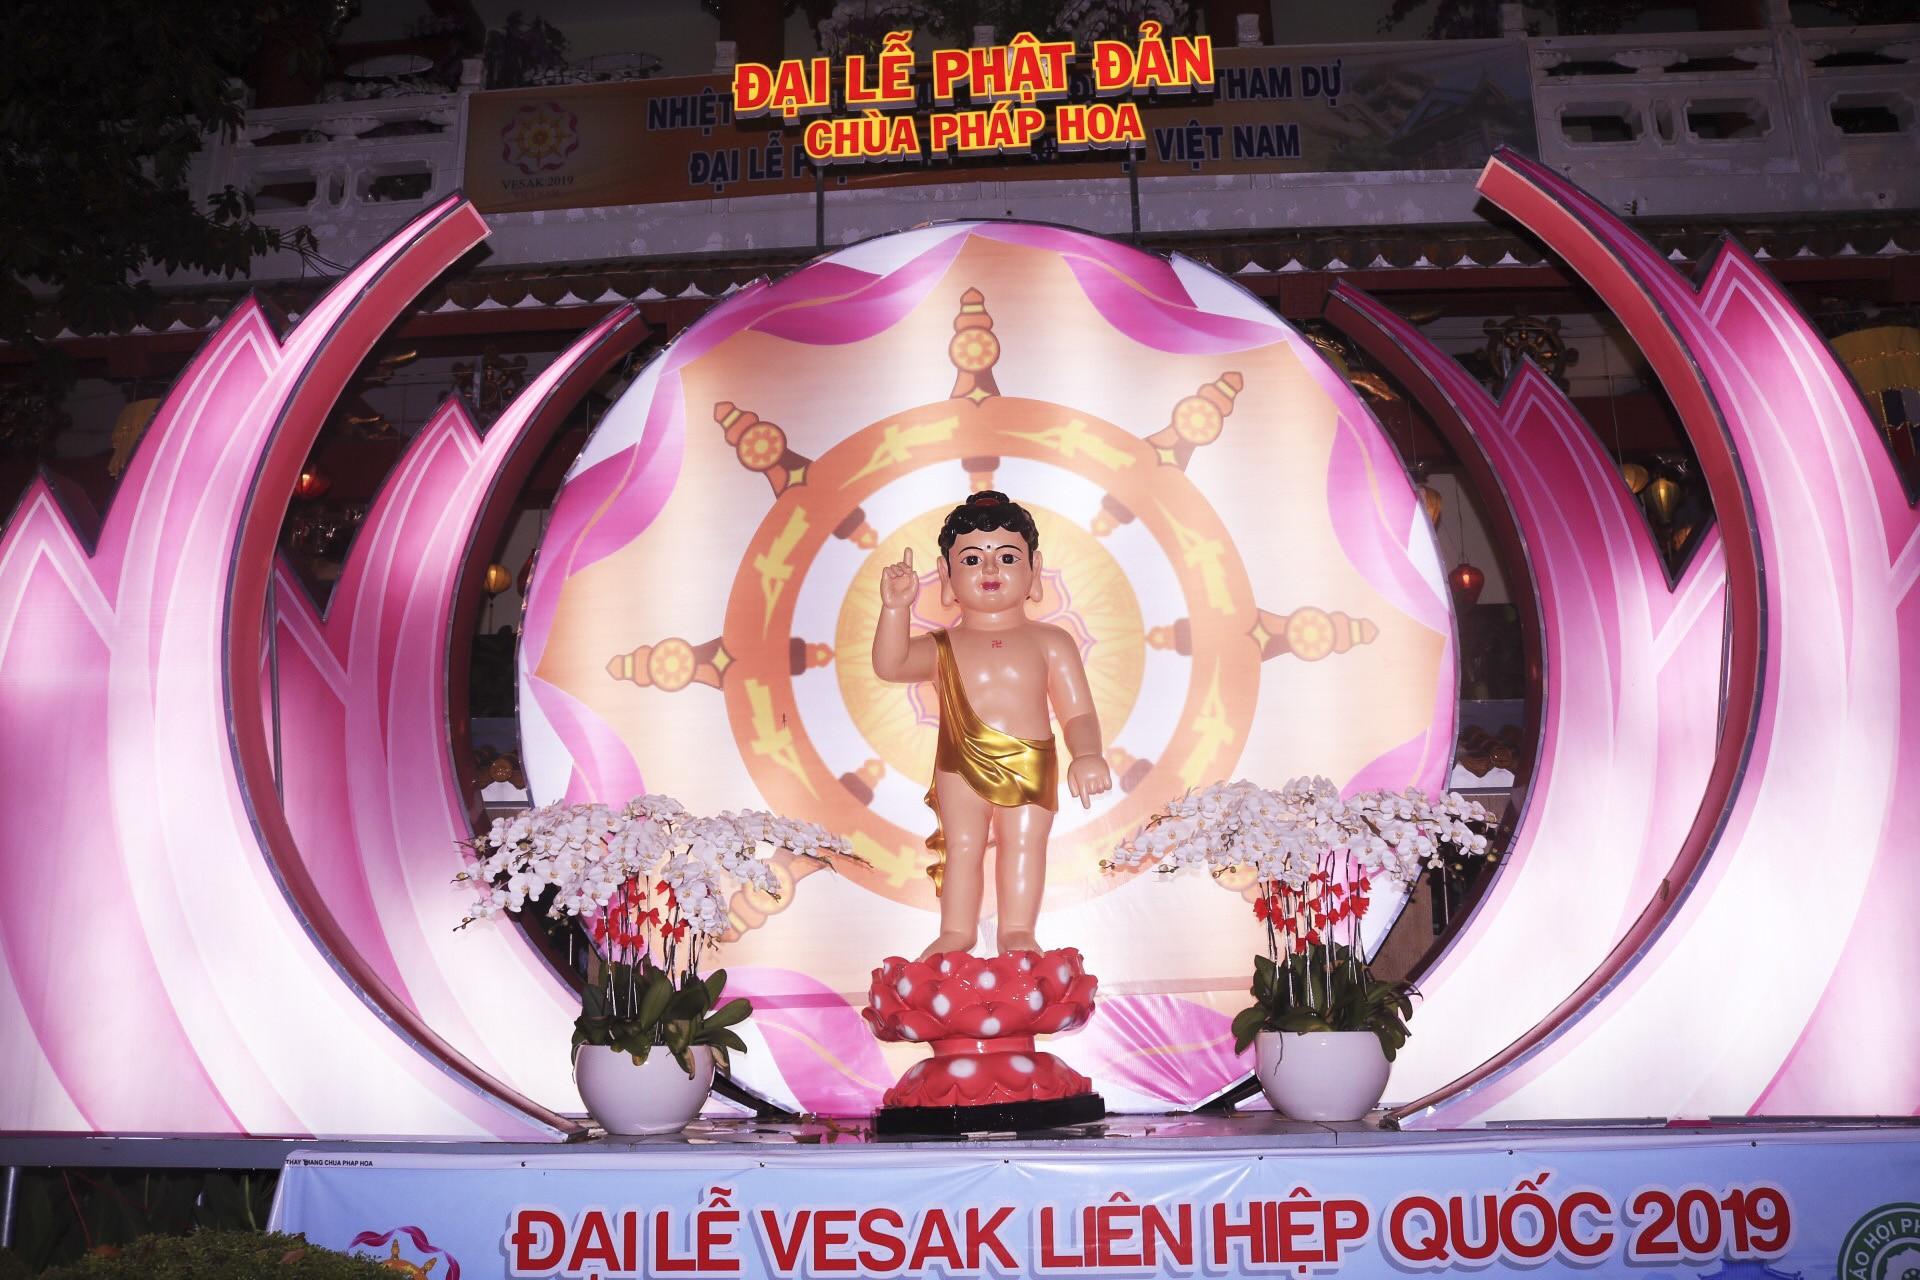 Ngắm vẻ lung linh của chùa Pháp Hoa trước Đại lễ Phật Đản Vesak 2019 - Ảnh 2.